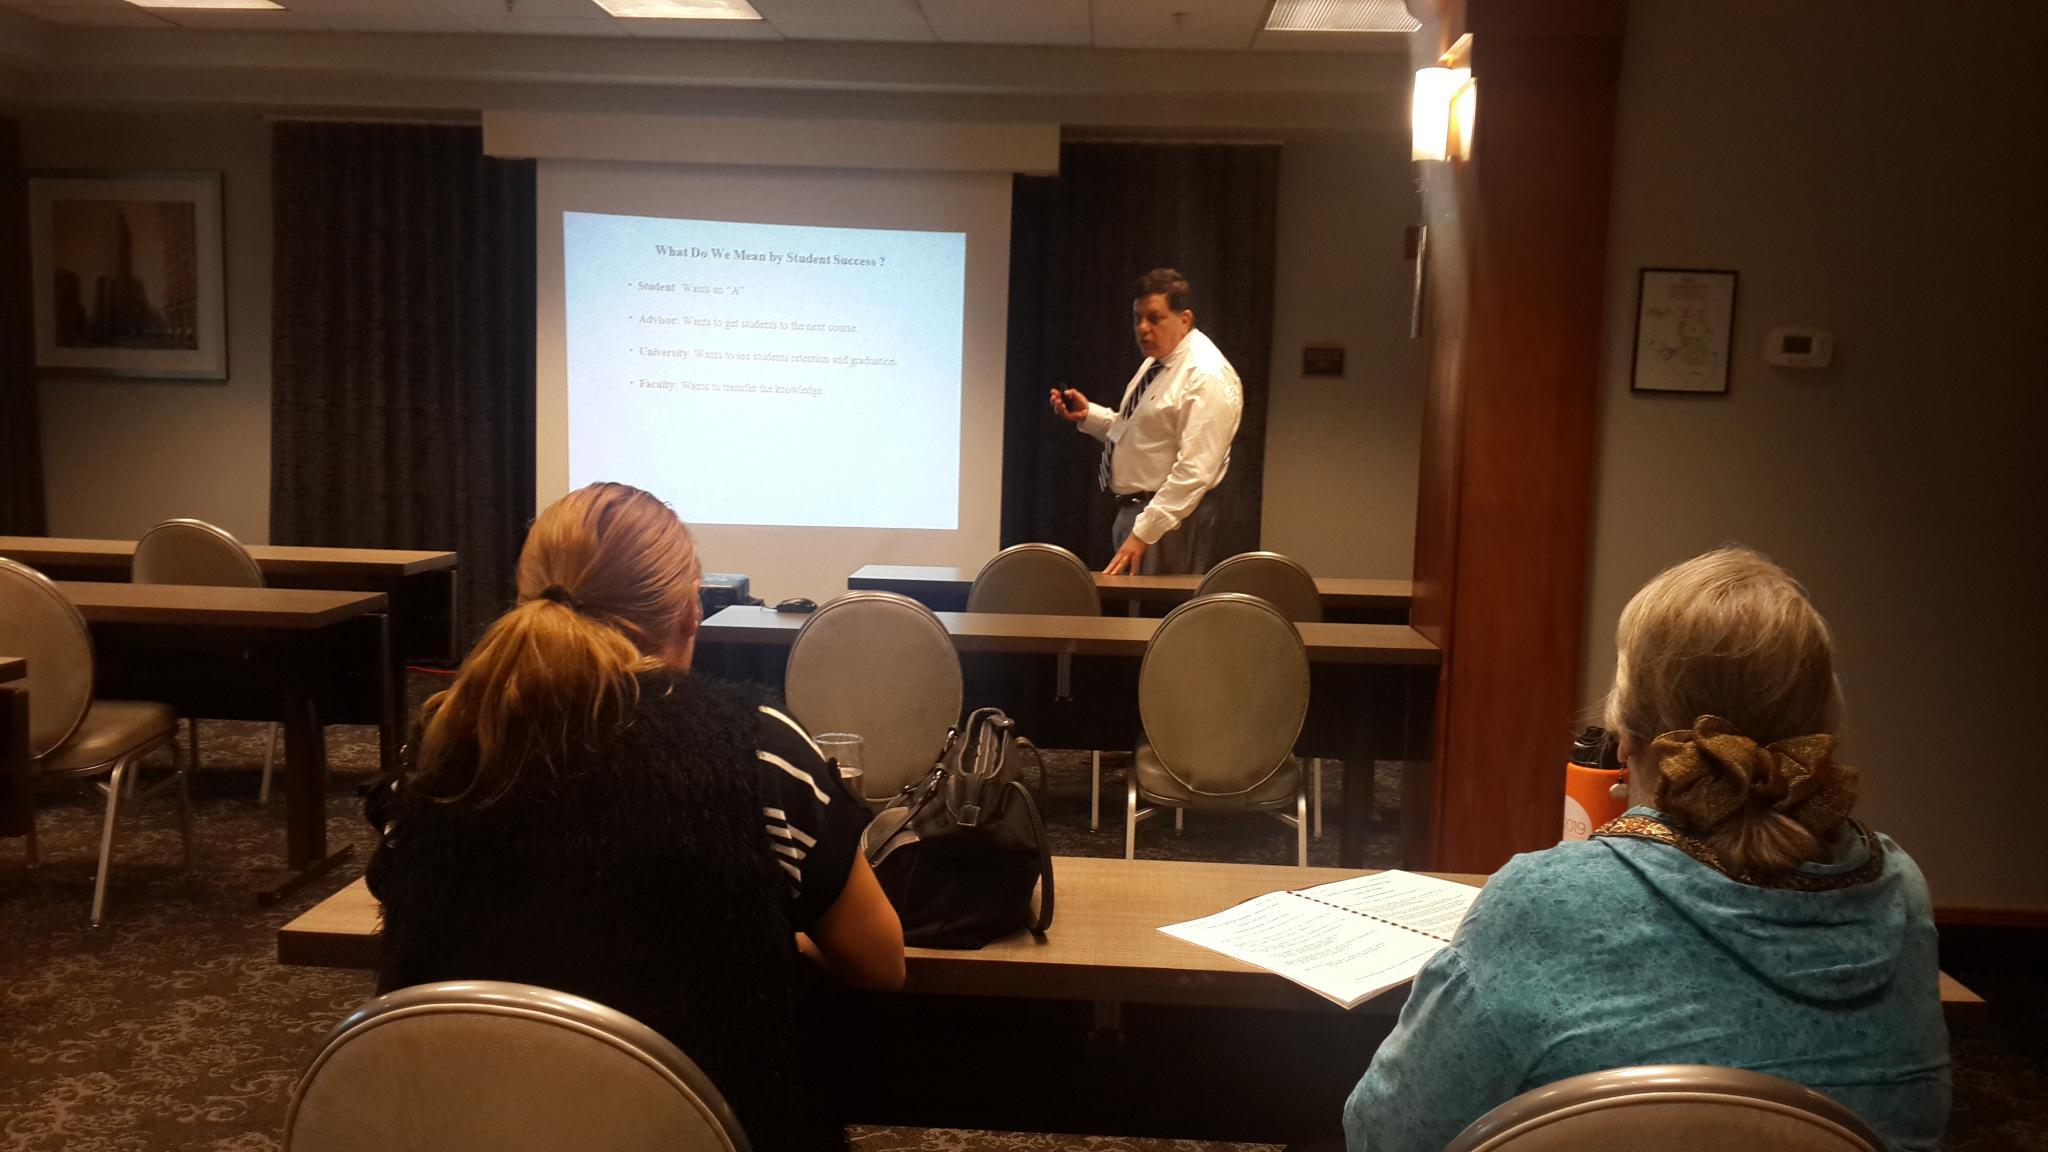 """الأستاذ الدكتور أيسر سوسان اثناء تقديم ورقة بحثية بعنوان """"التحديات التي تواجه التعليم الإلكتروني باعتبارها اتجاهات مهمة في عولمة التعليم"""""""